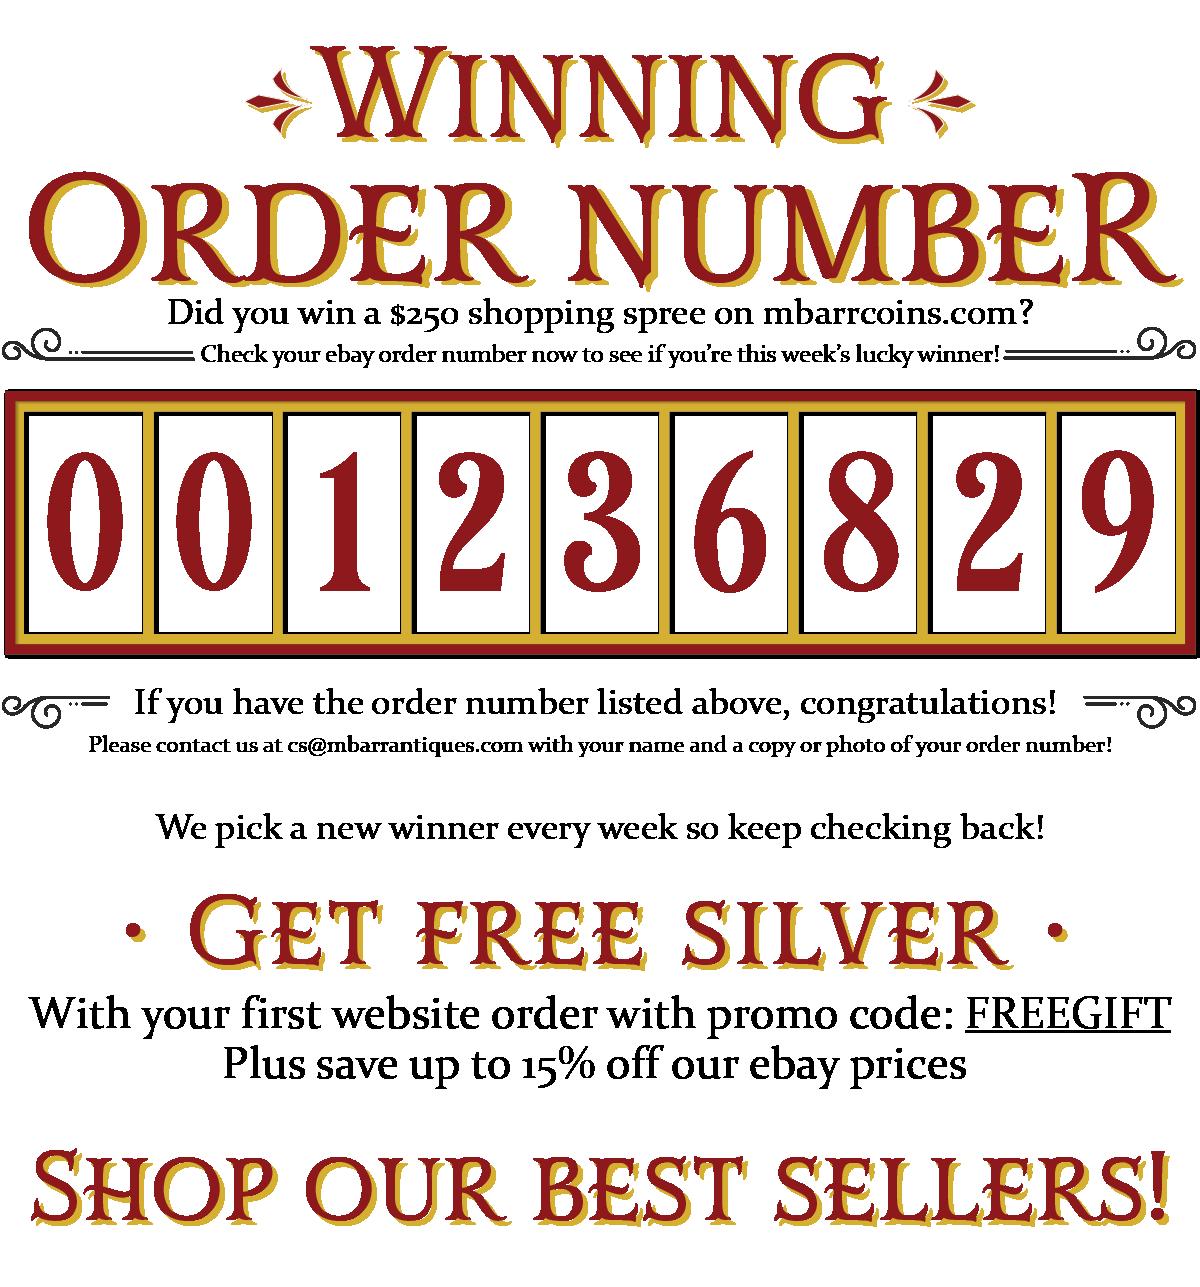 ebay-wining-order-number-09-23-20-01.png